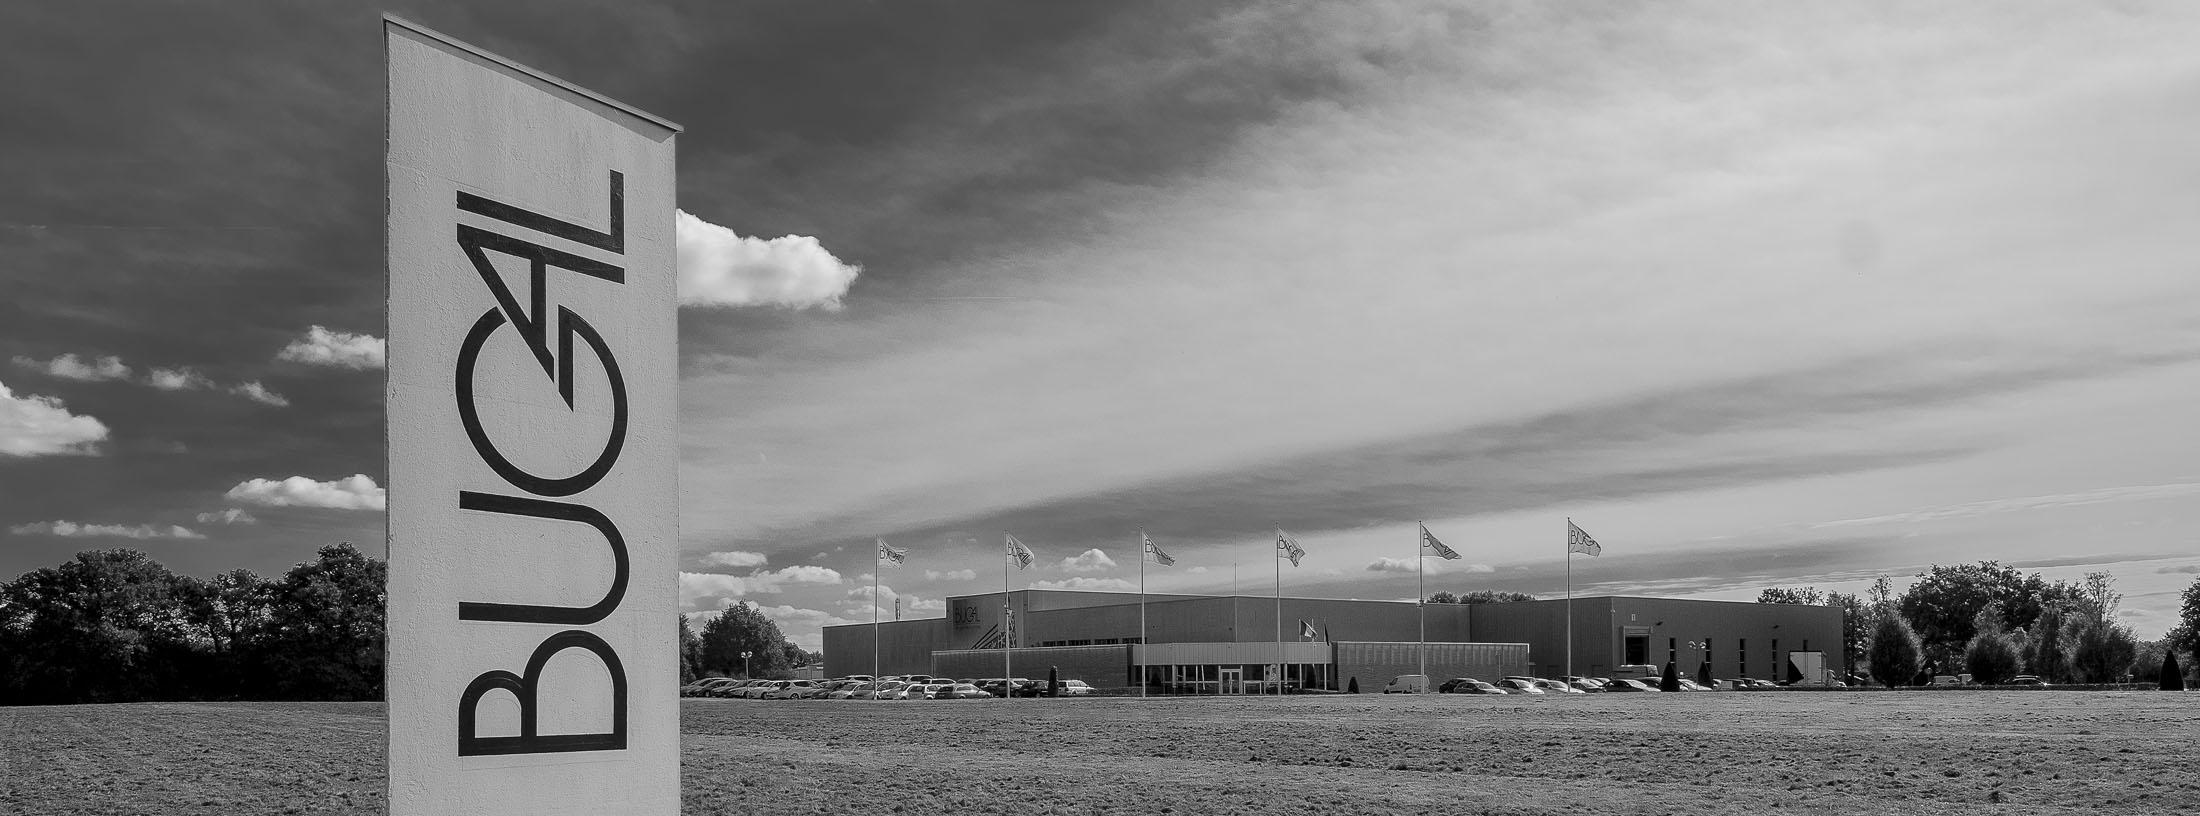 Reportage vue du totem d'entreprise en premier plan et le bâtiment en arrière plan en noir et blanc